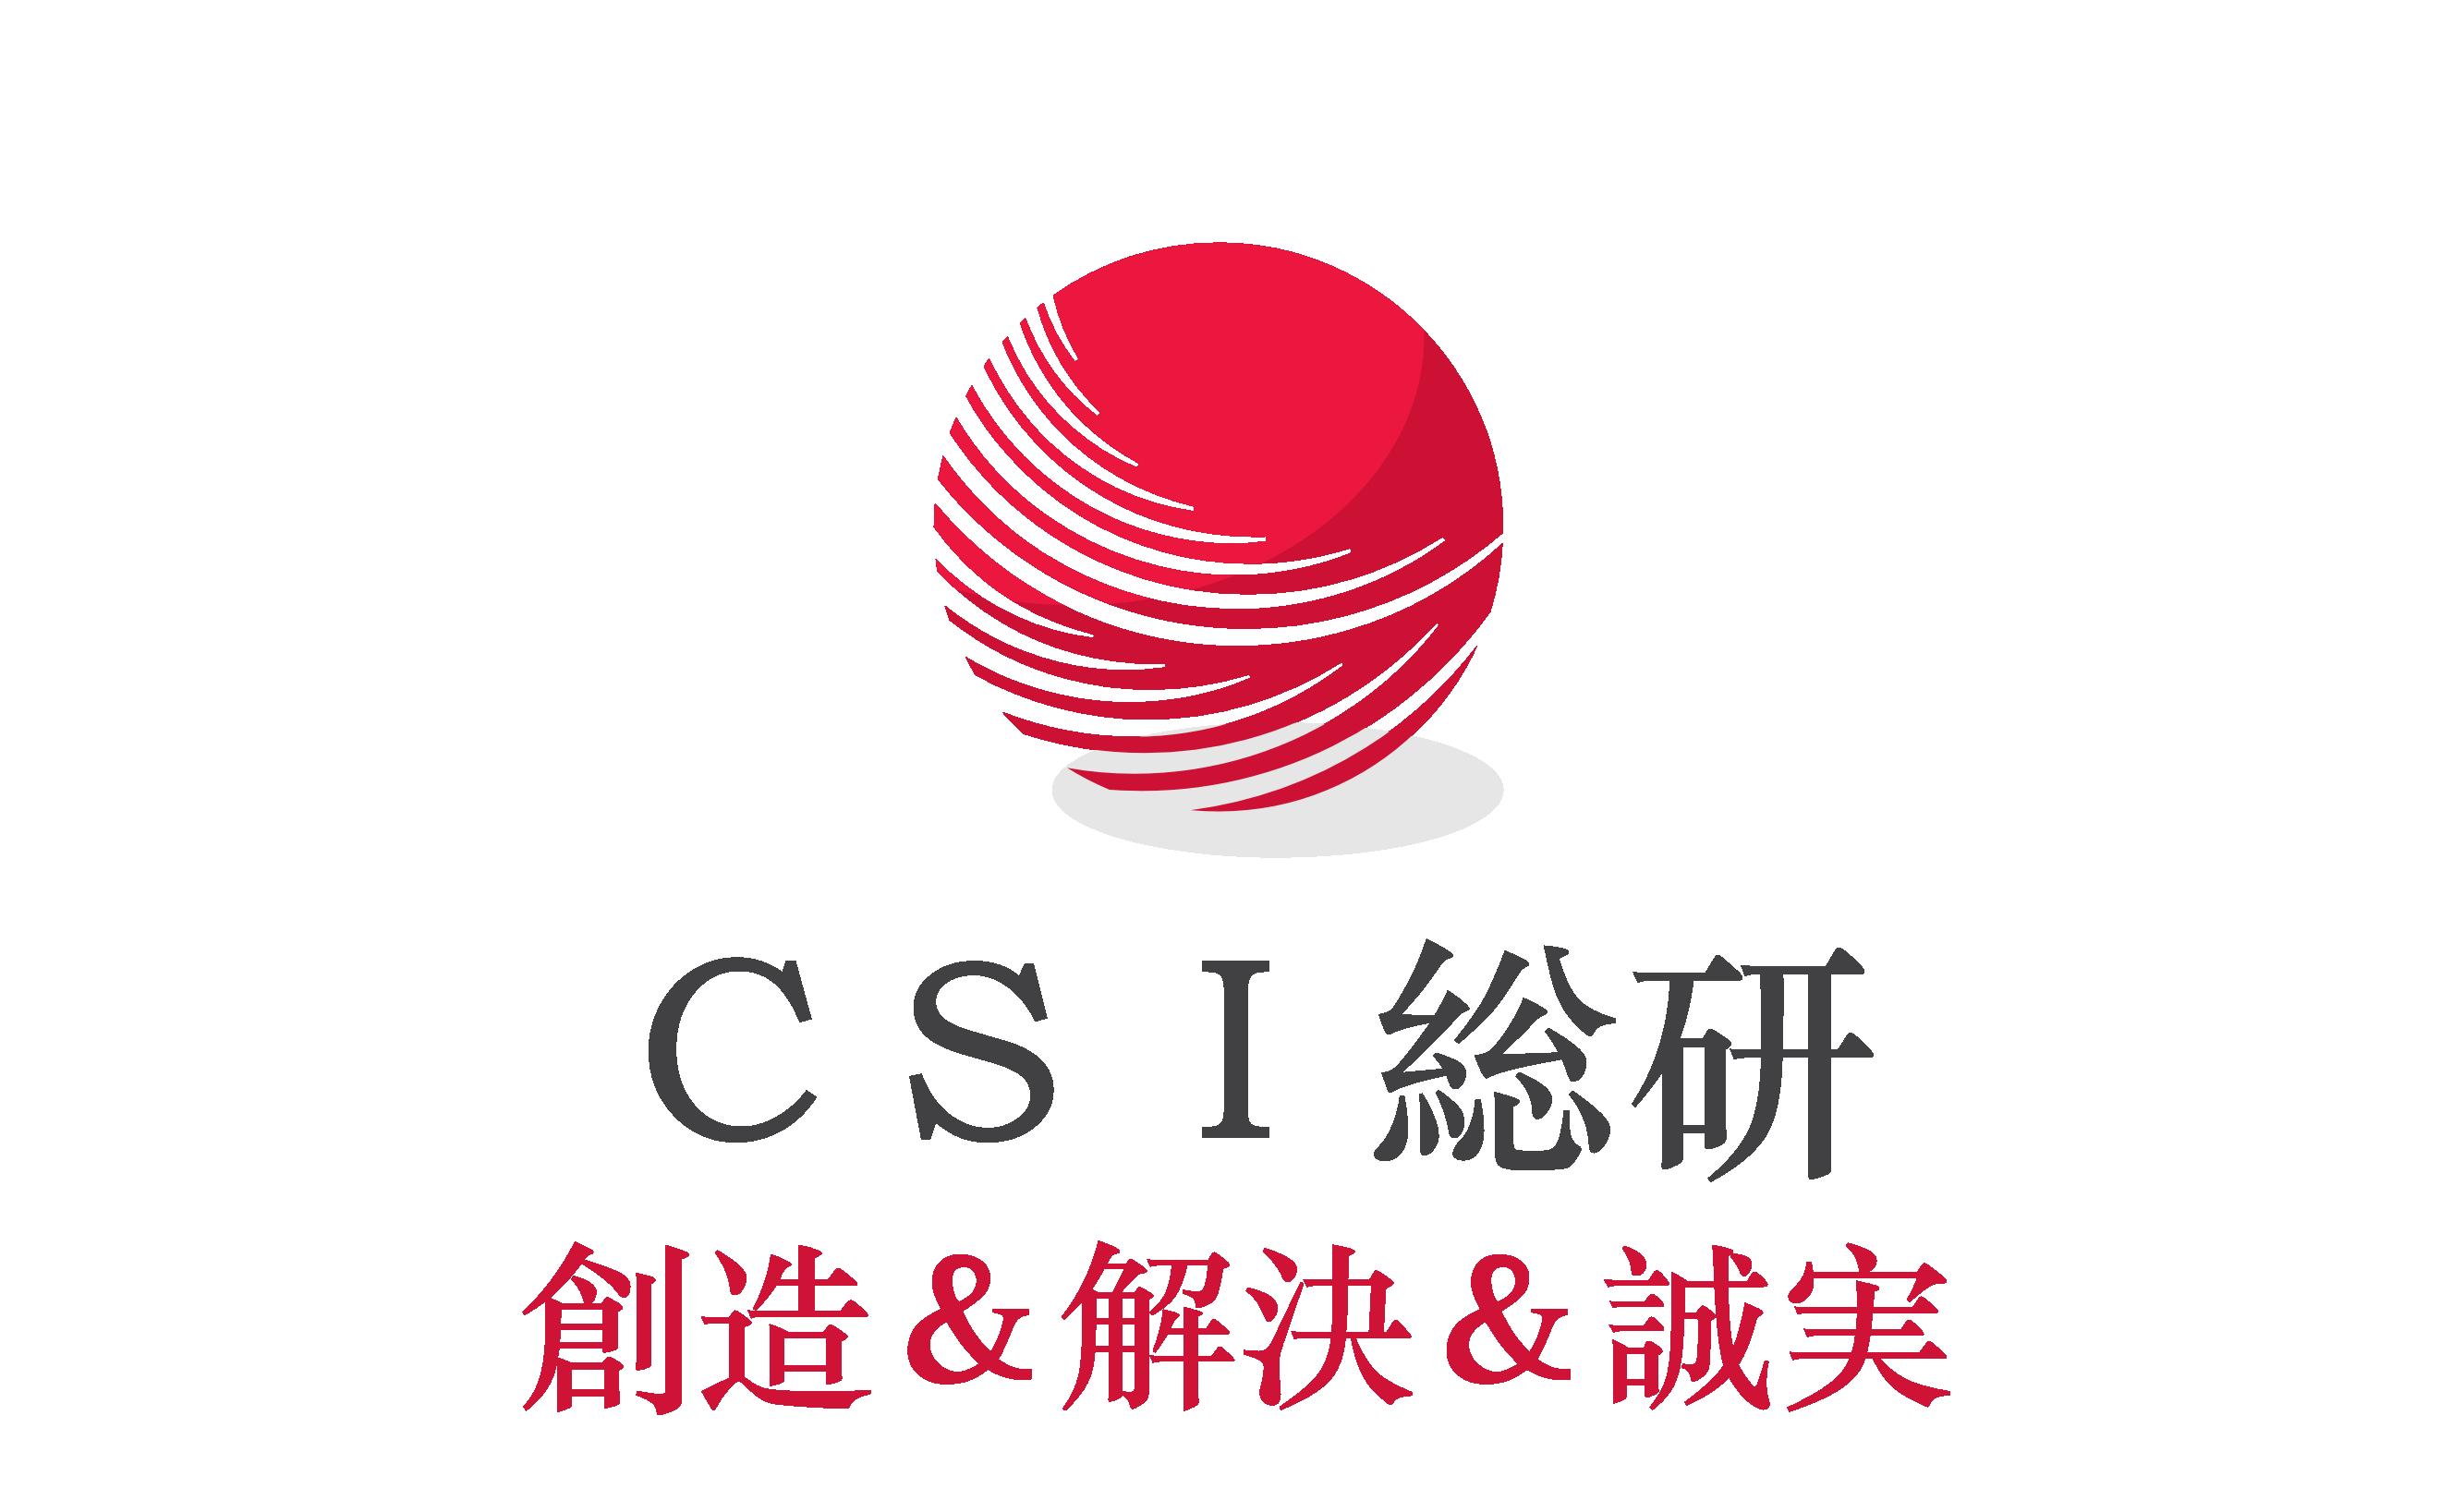 未来を築く CSI総合研究所